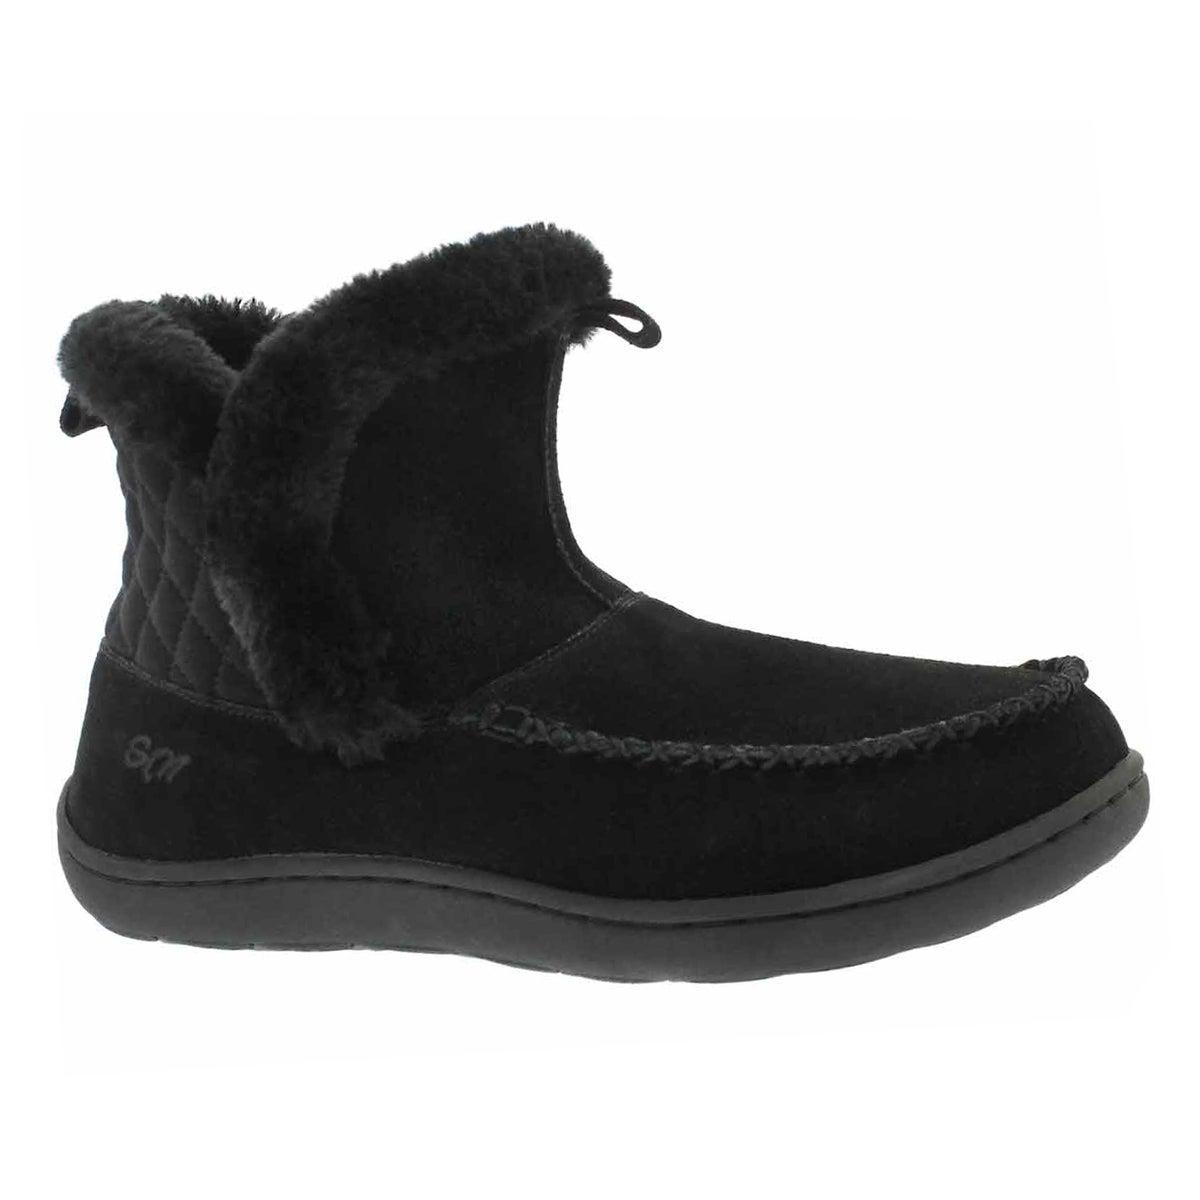 Women's PHOEBE LO black suede slipper booties